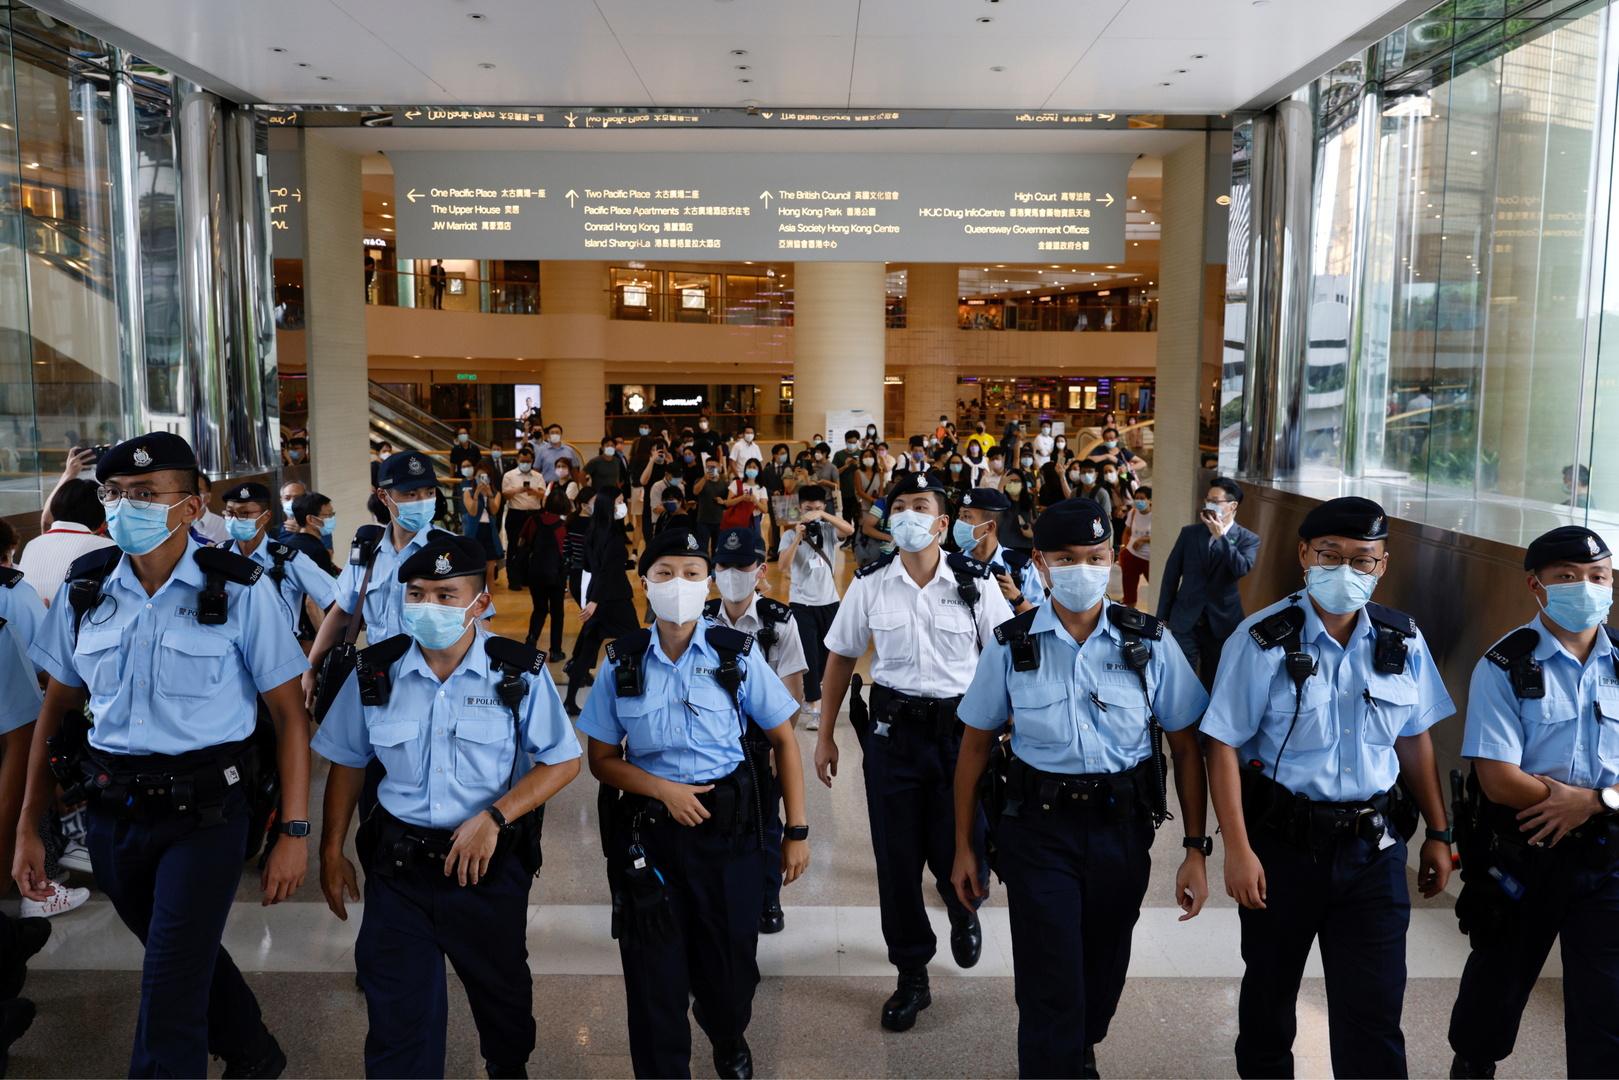 السجن تسع سنوات لأول مدان في هونغ كونغ بموجب قانون الأمن القومي